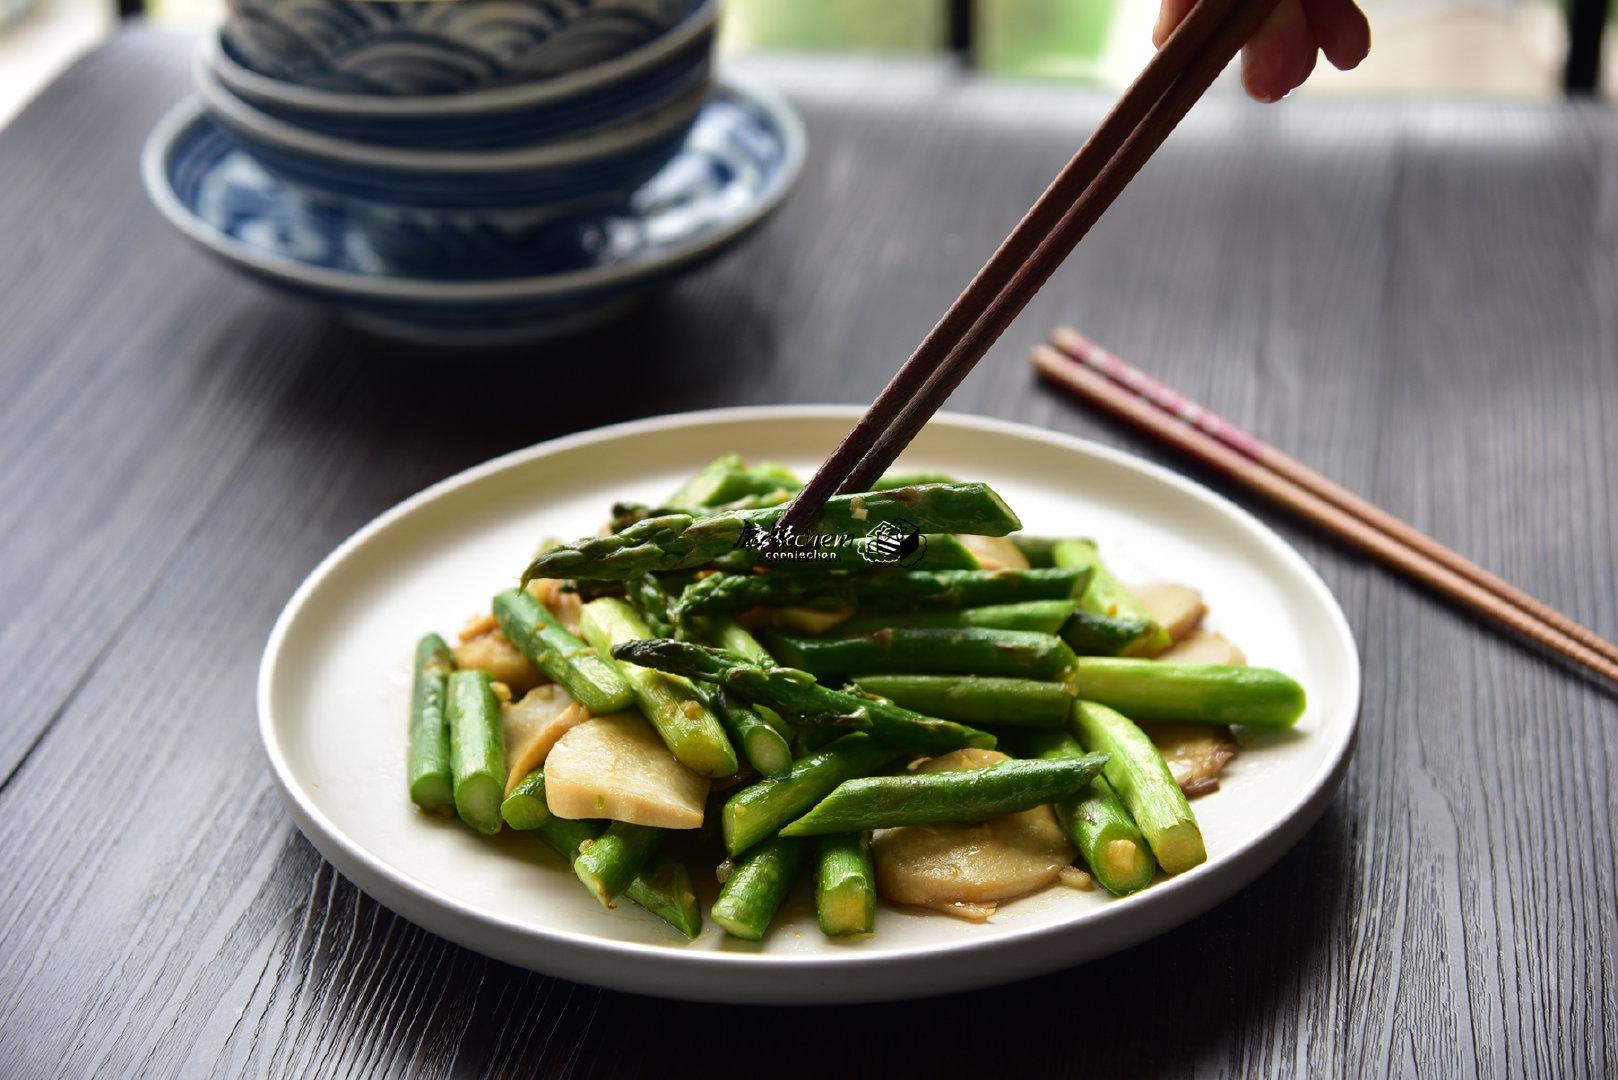 减肥瘦身期间不能错过这菜,这两样简单炒一下,饱口福还甩掉赘肉